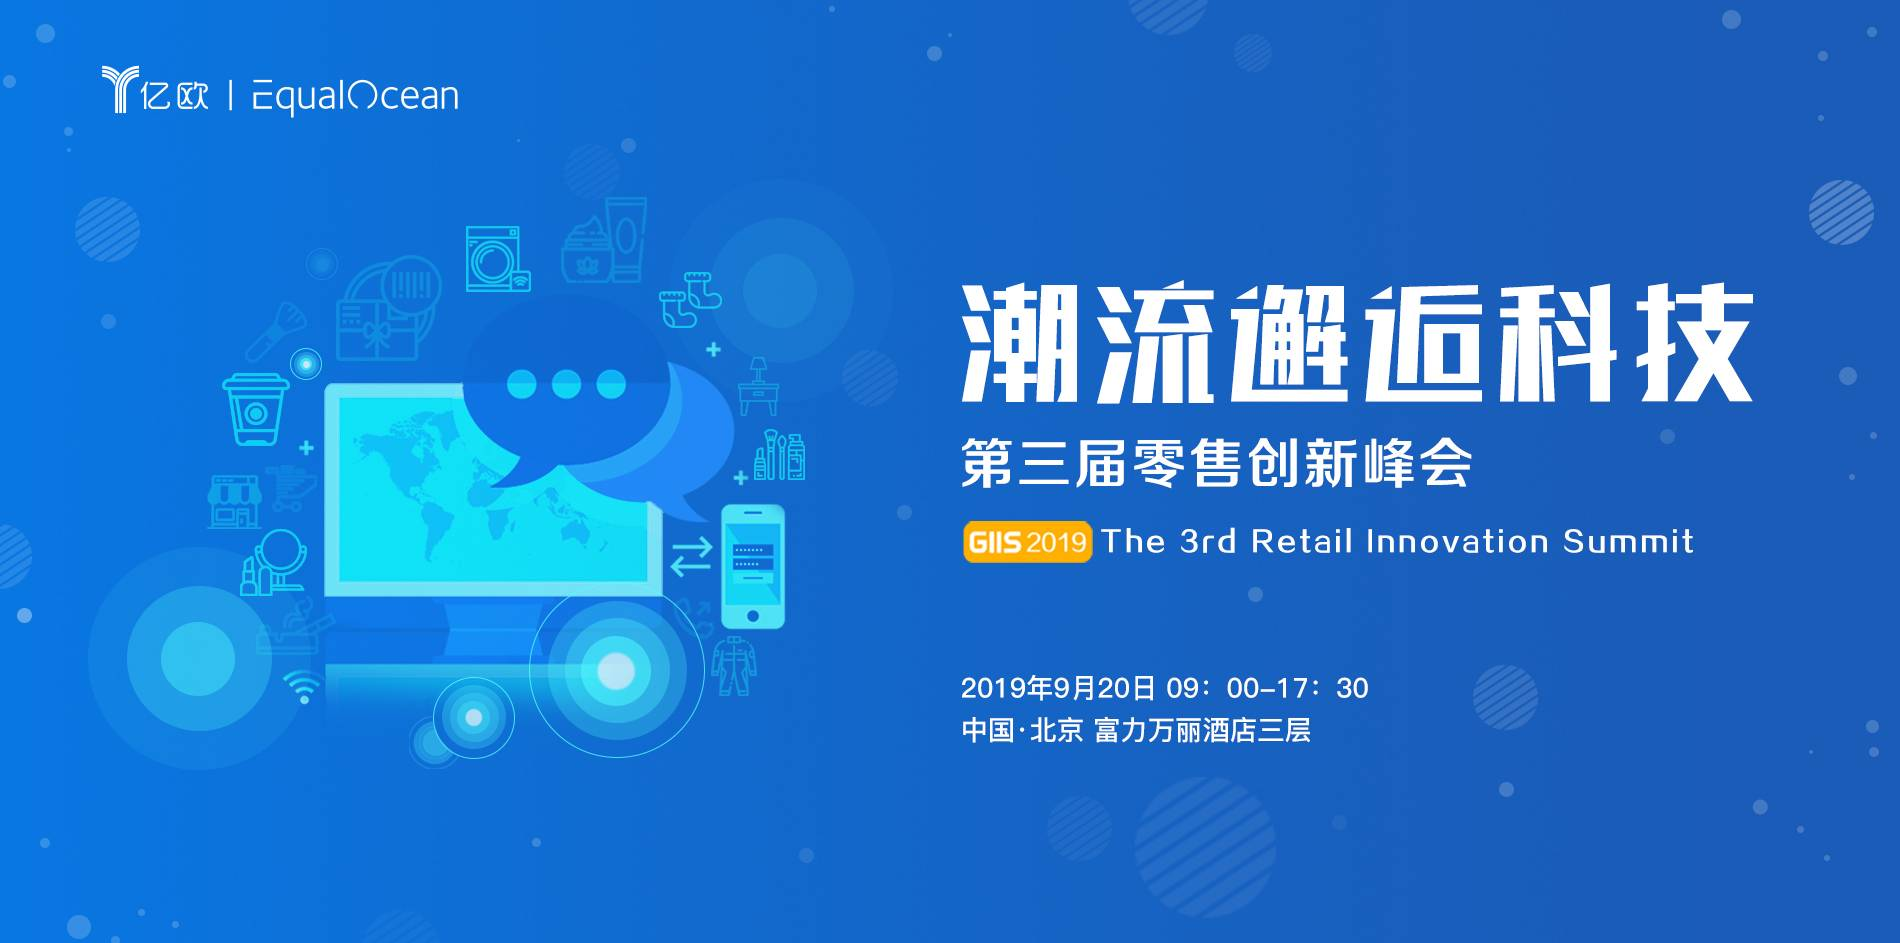 潮流邂逅科技·GIIS2019 第三届零售创新峰会(北京)